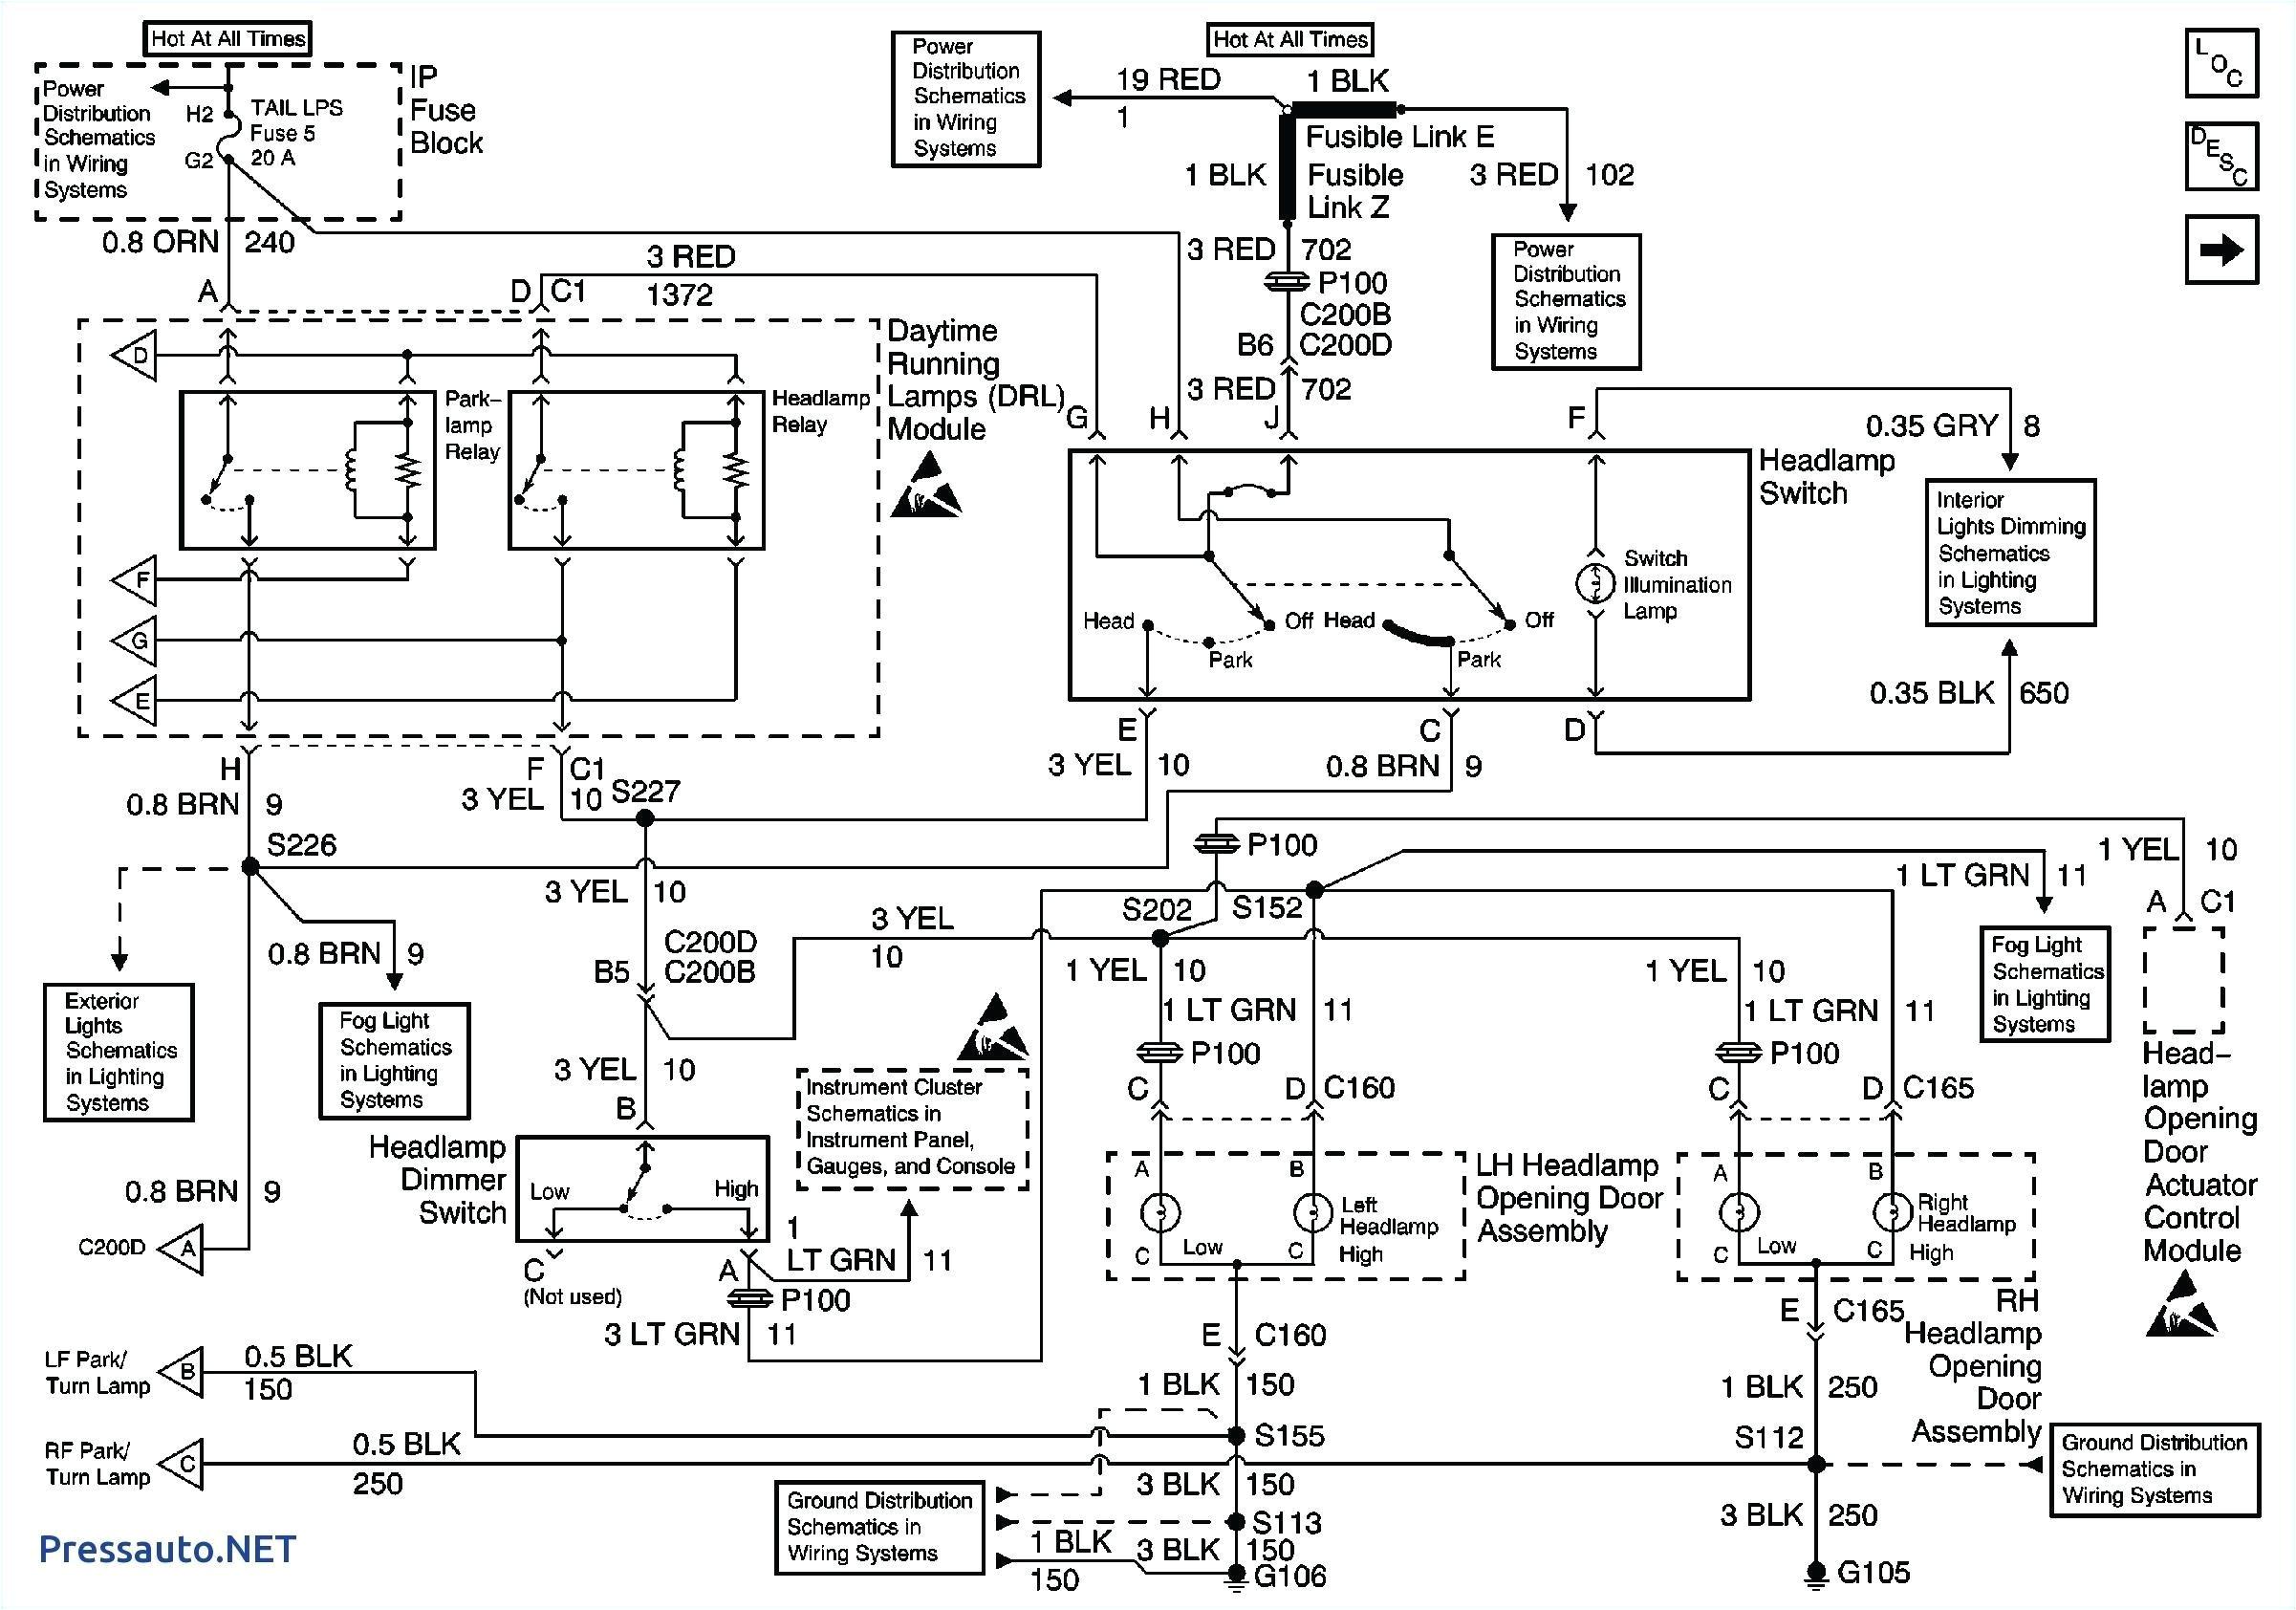 93 honda civic wiring harness diagram book of ignition switch wiring diagram honda civic new 1993 honda civic of 93 honda civic wiring harness diagram jpg